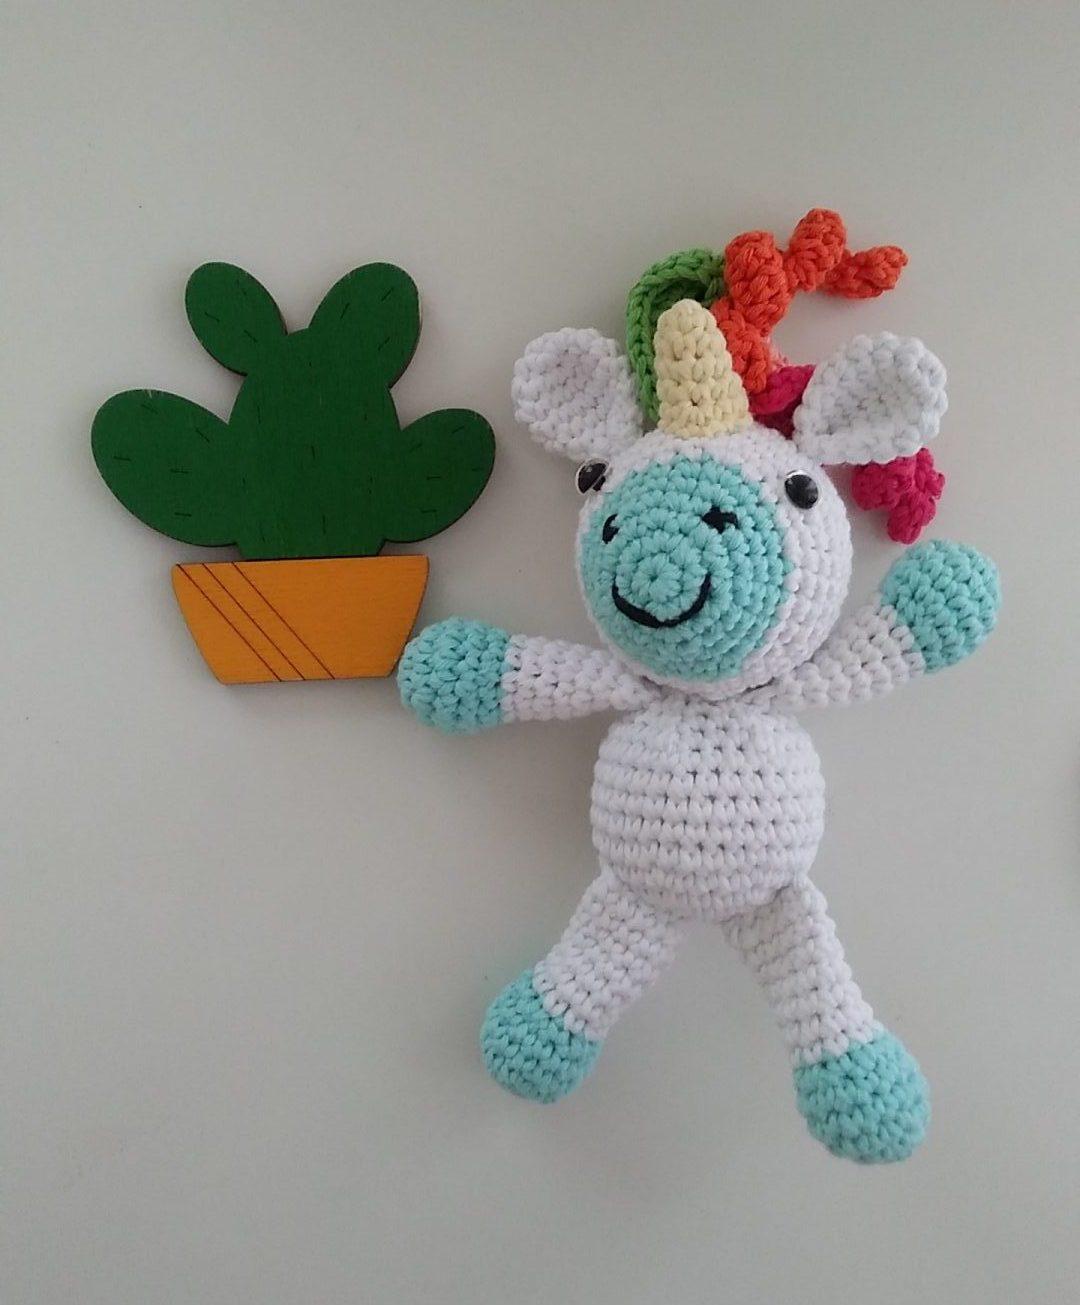 amigurumi-sevimli-unicorn-yapimi